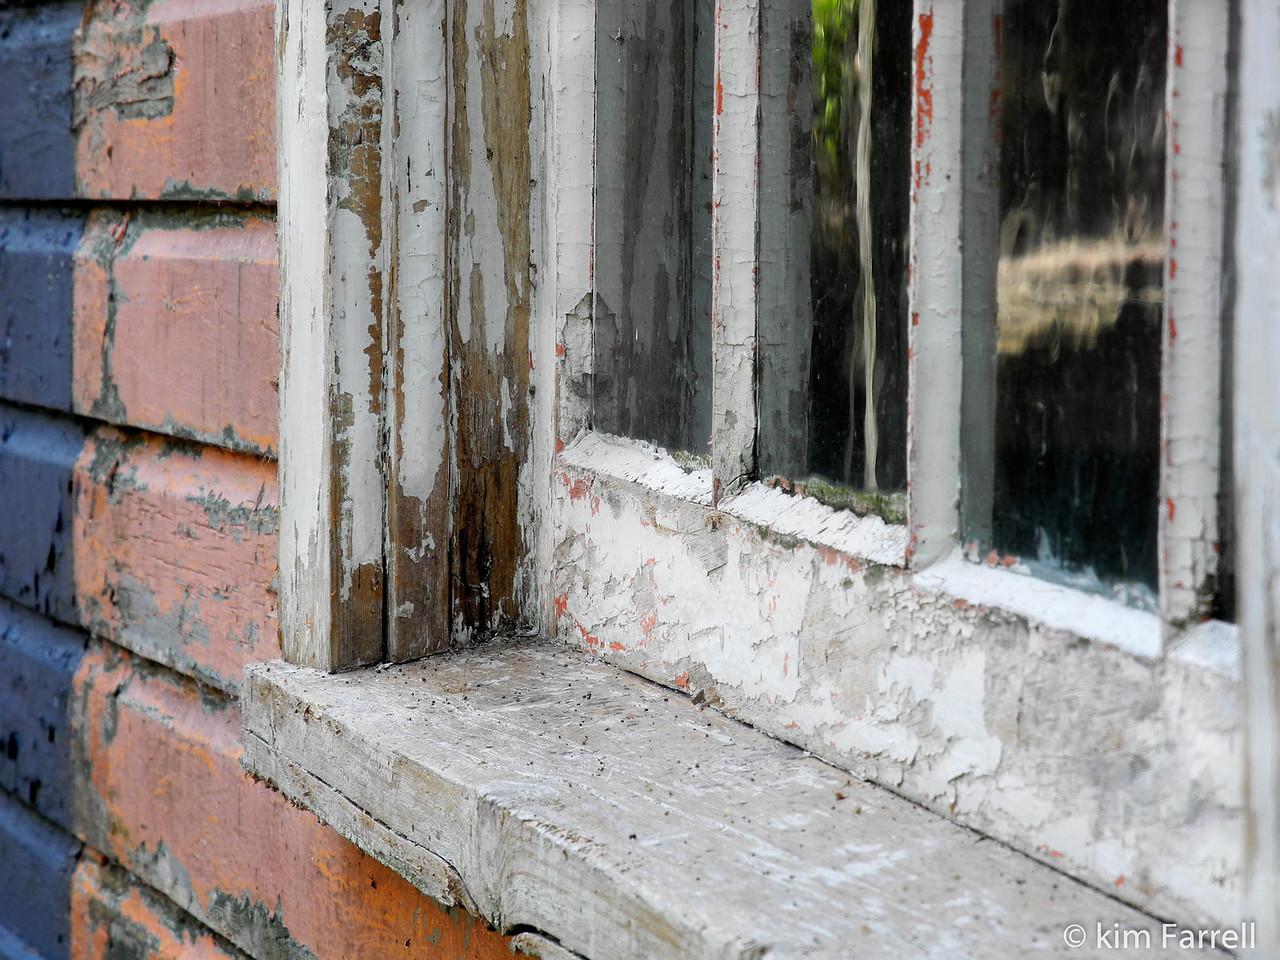 Boat house window.